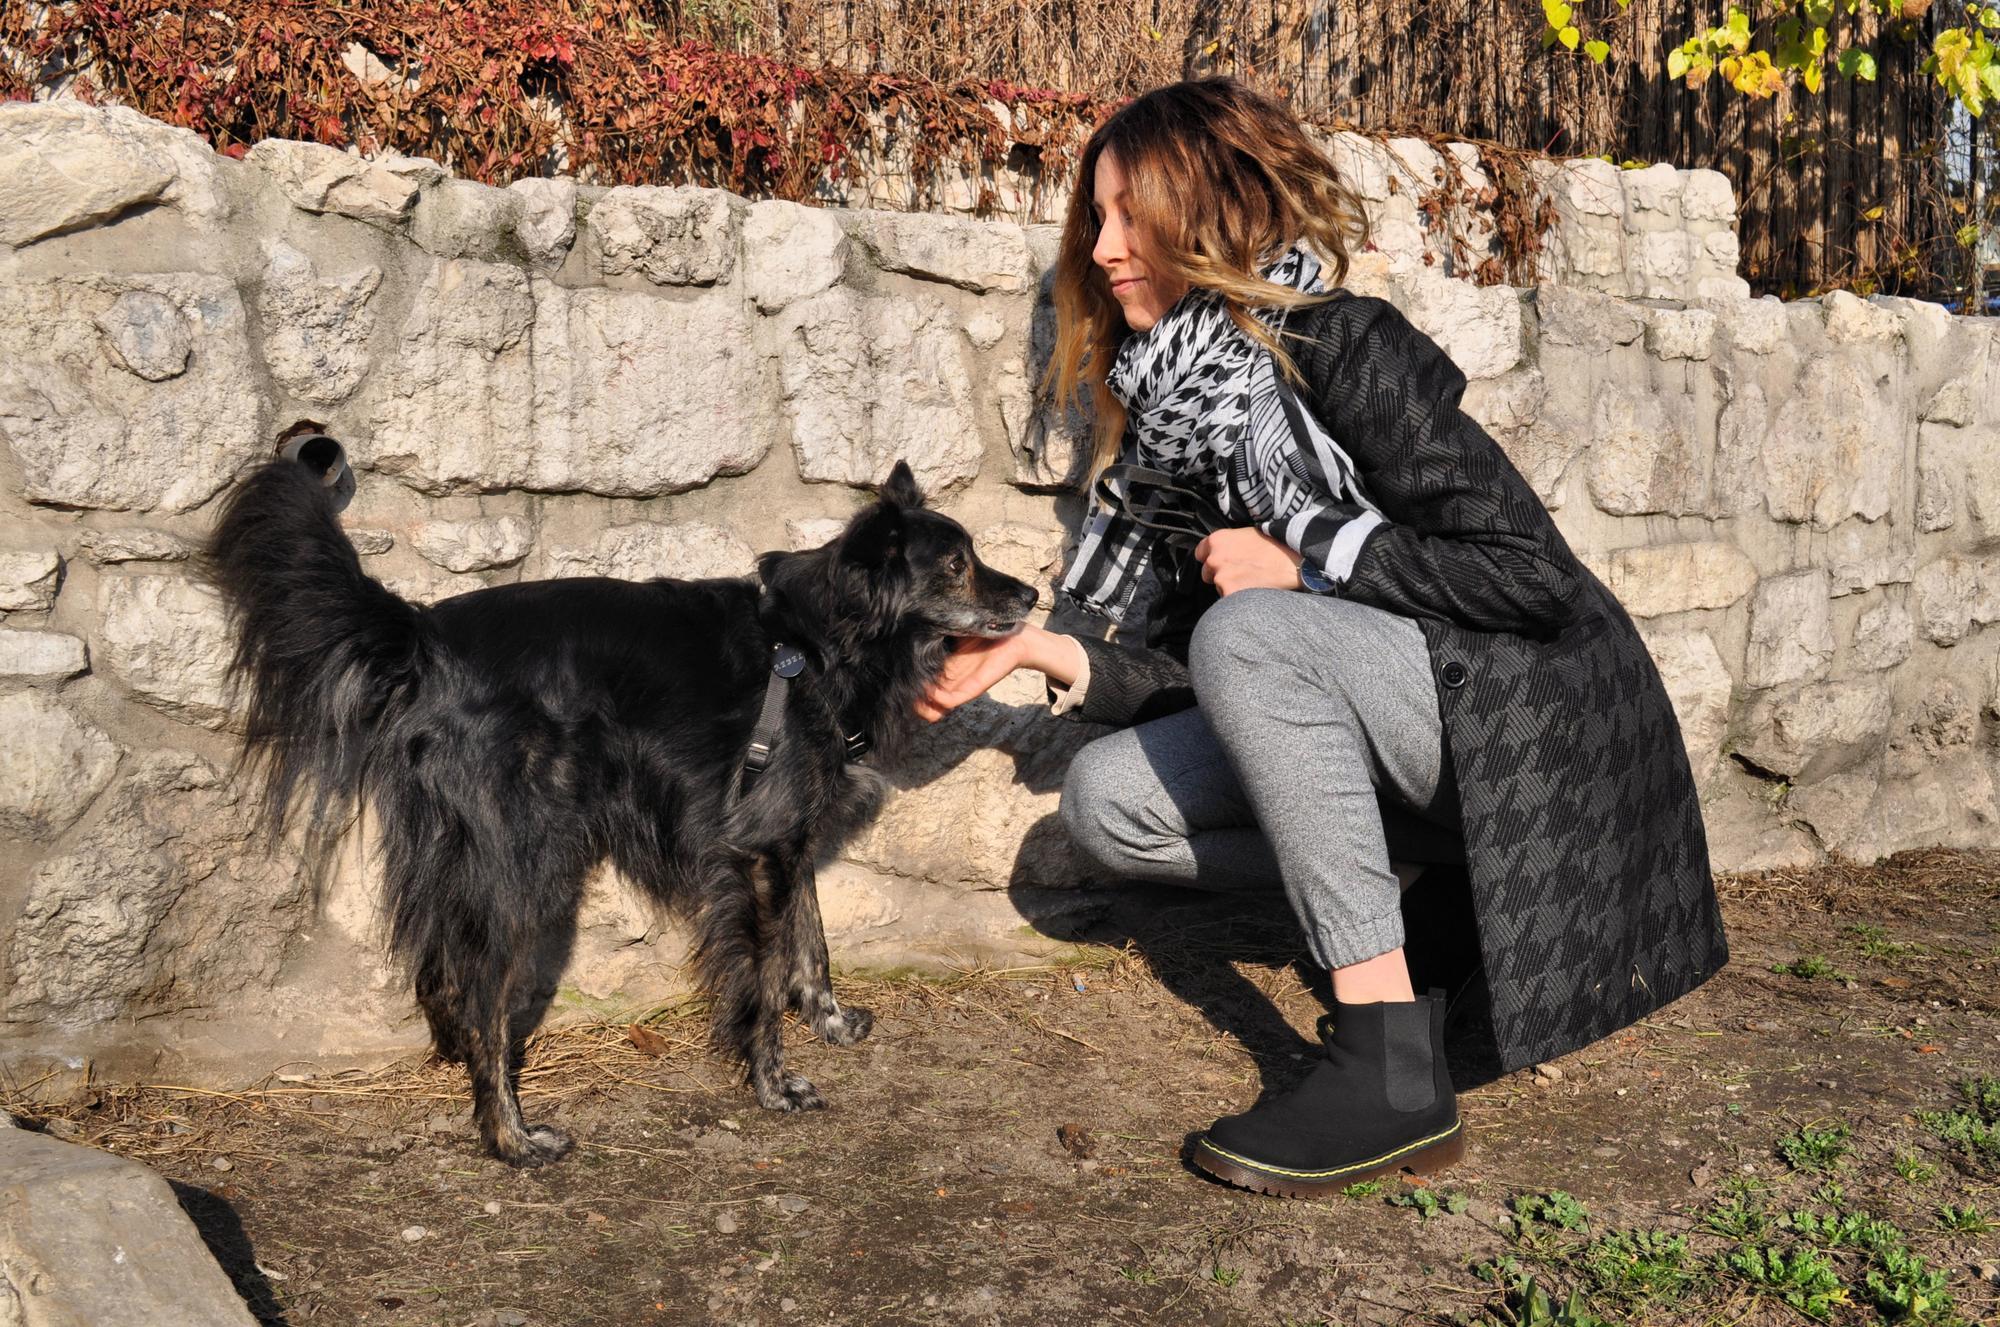 Sztyblety zimowe GAIL czarne - Fairma Ethical Design | JestemSlow.pl